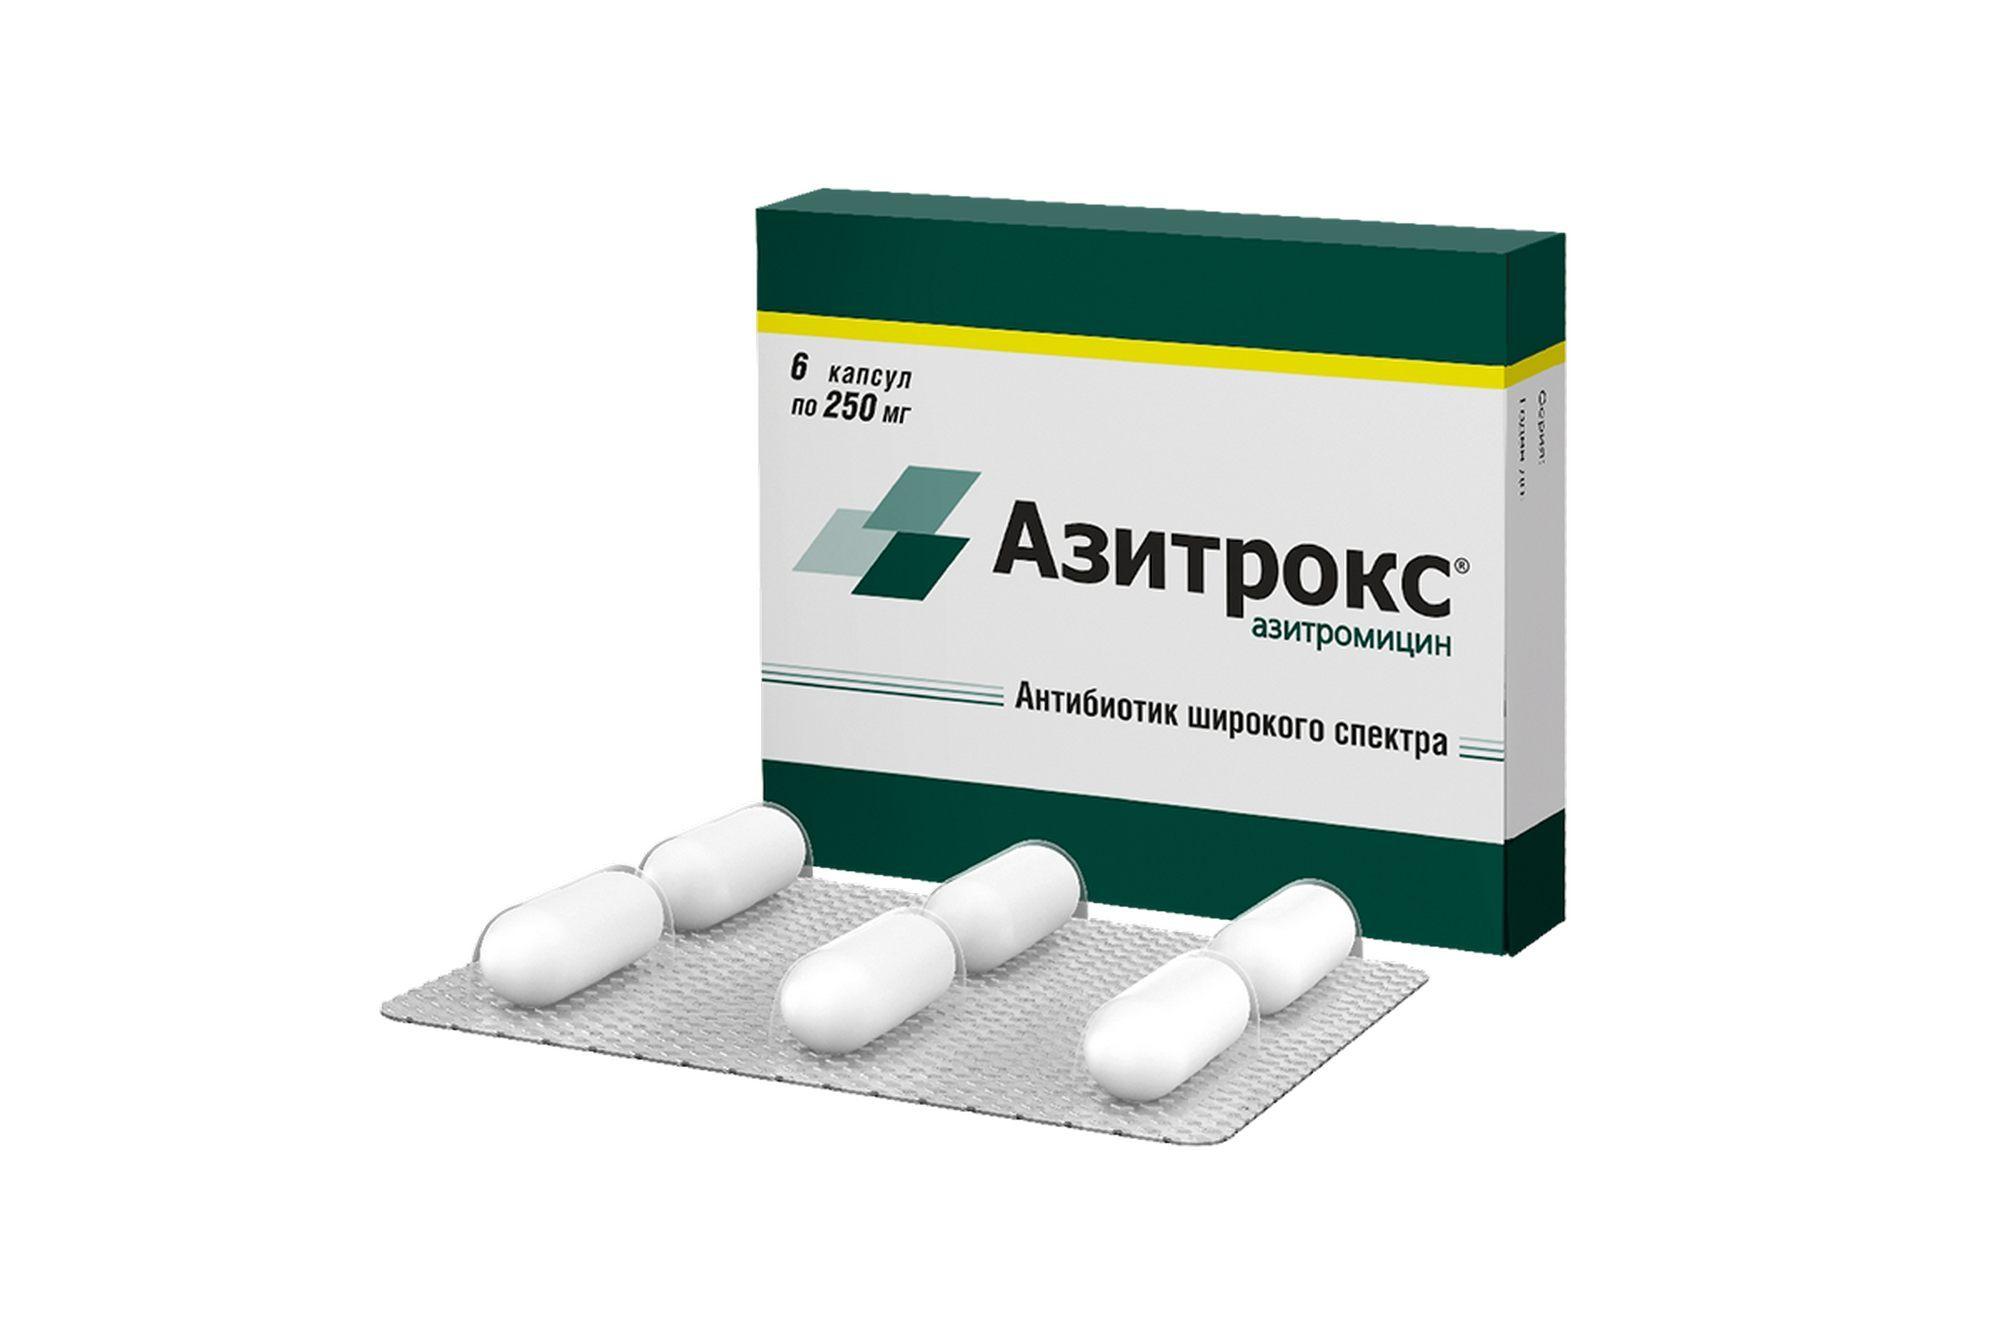 Инструкция и показания к применению препарата Азитрокс